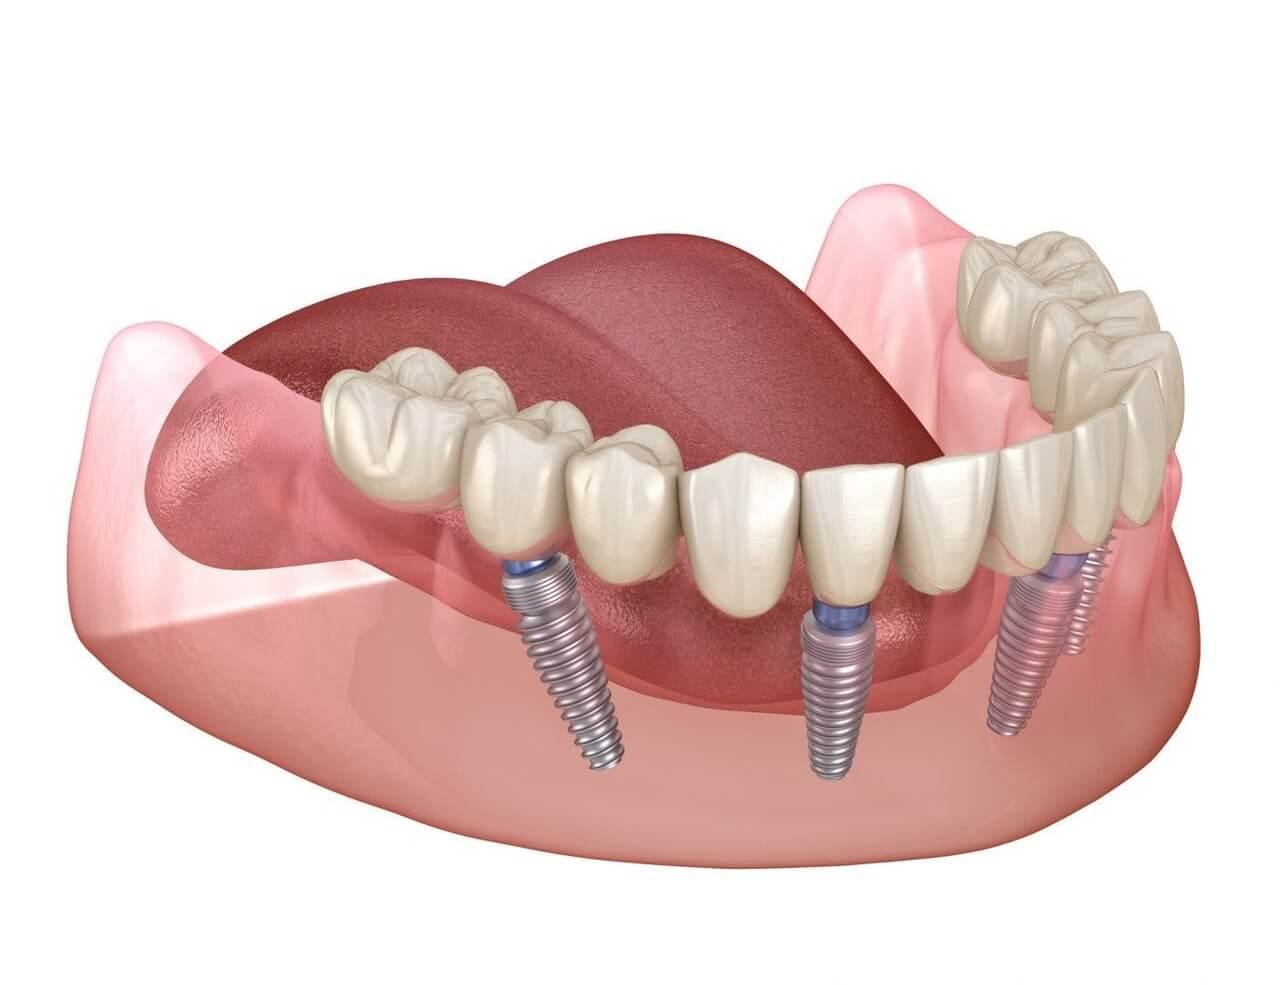 Problema con los implantes dentales de carga inmediata